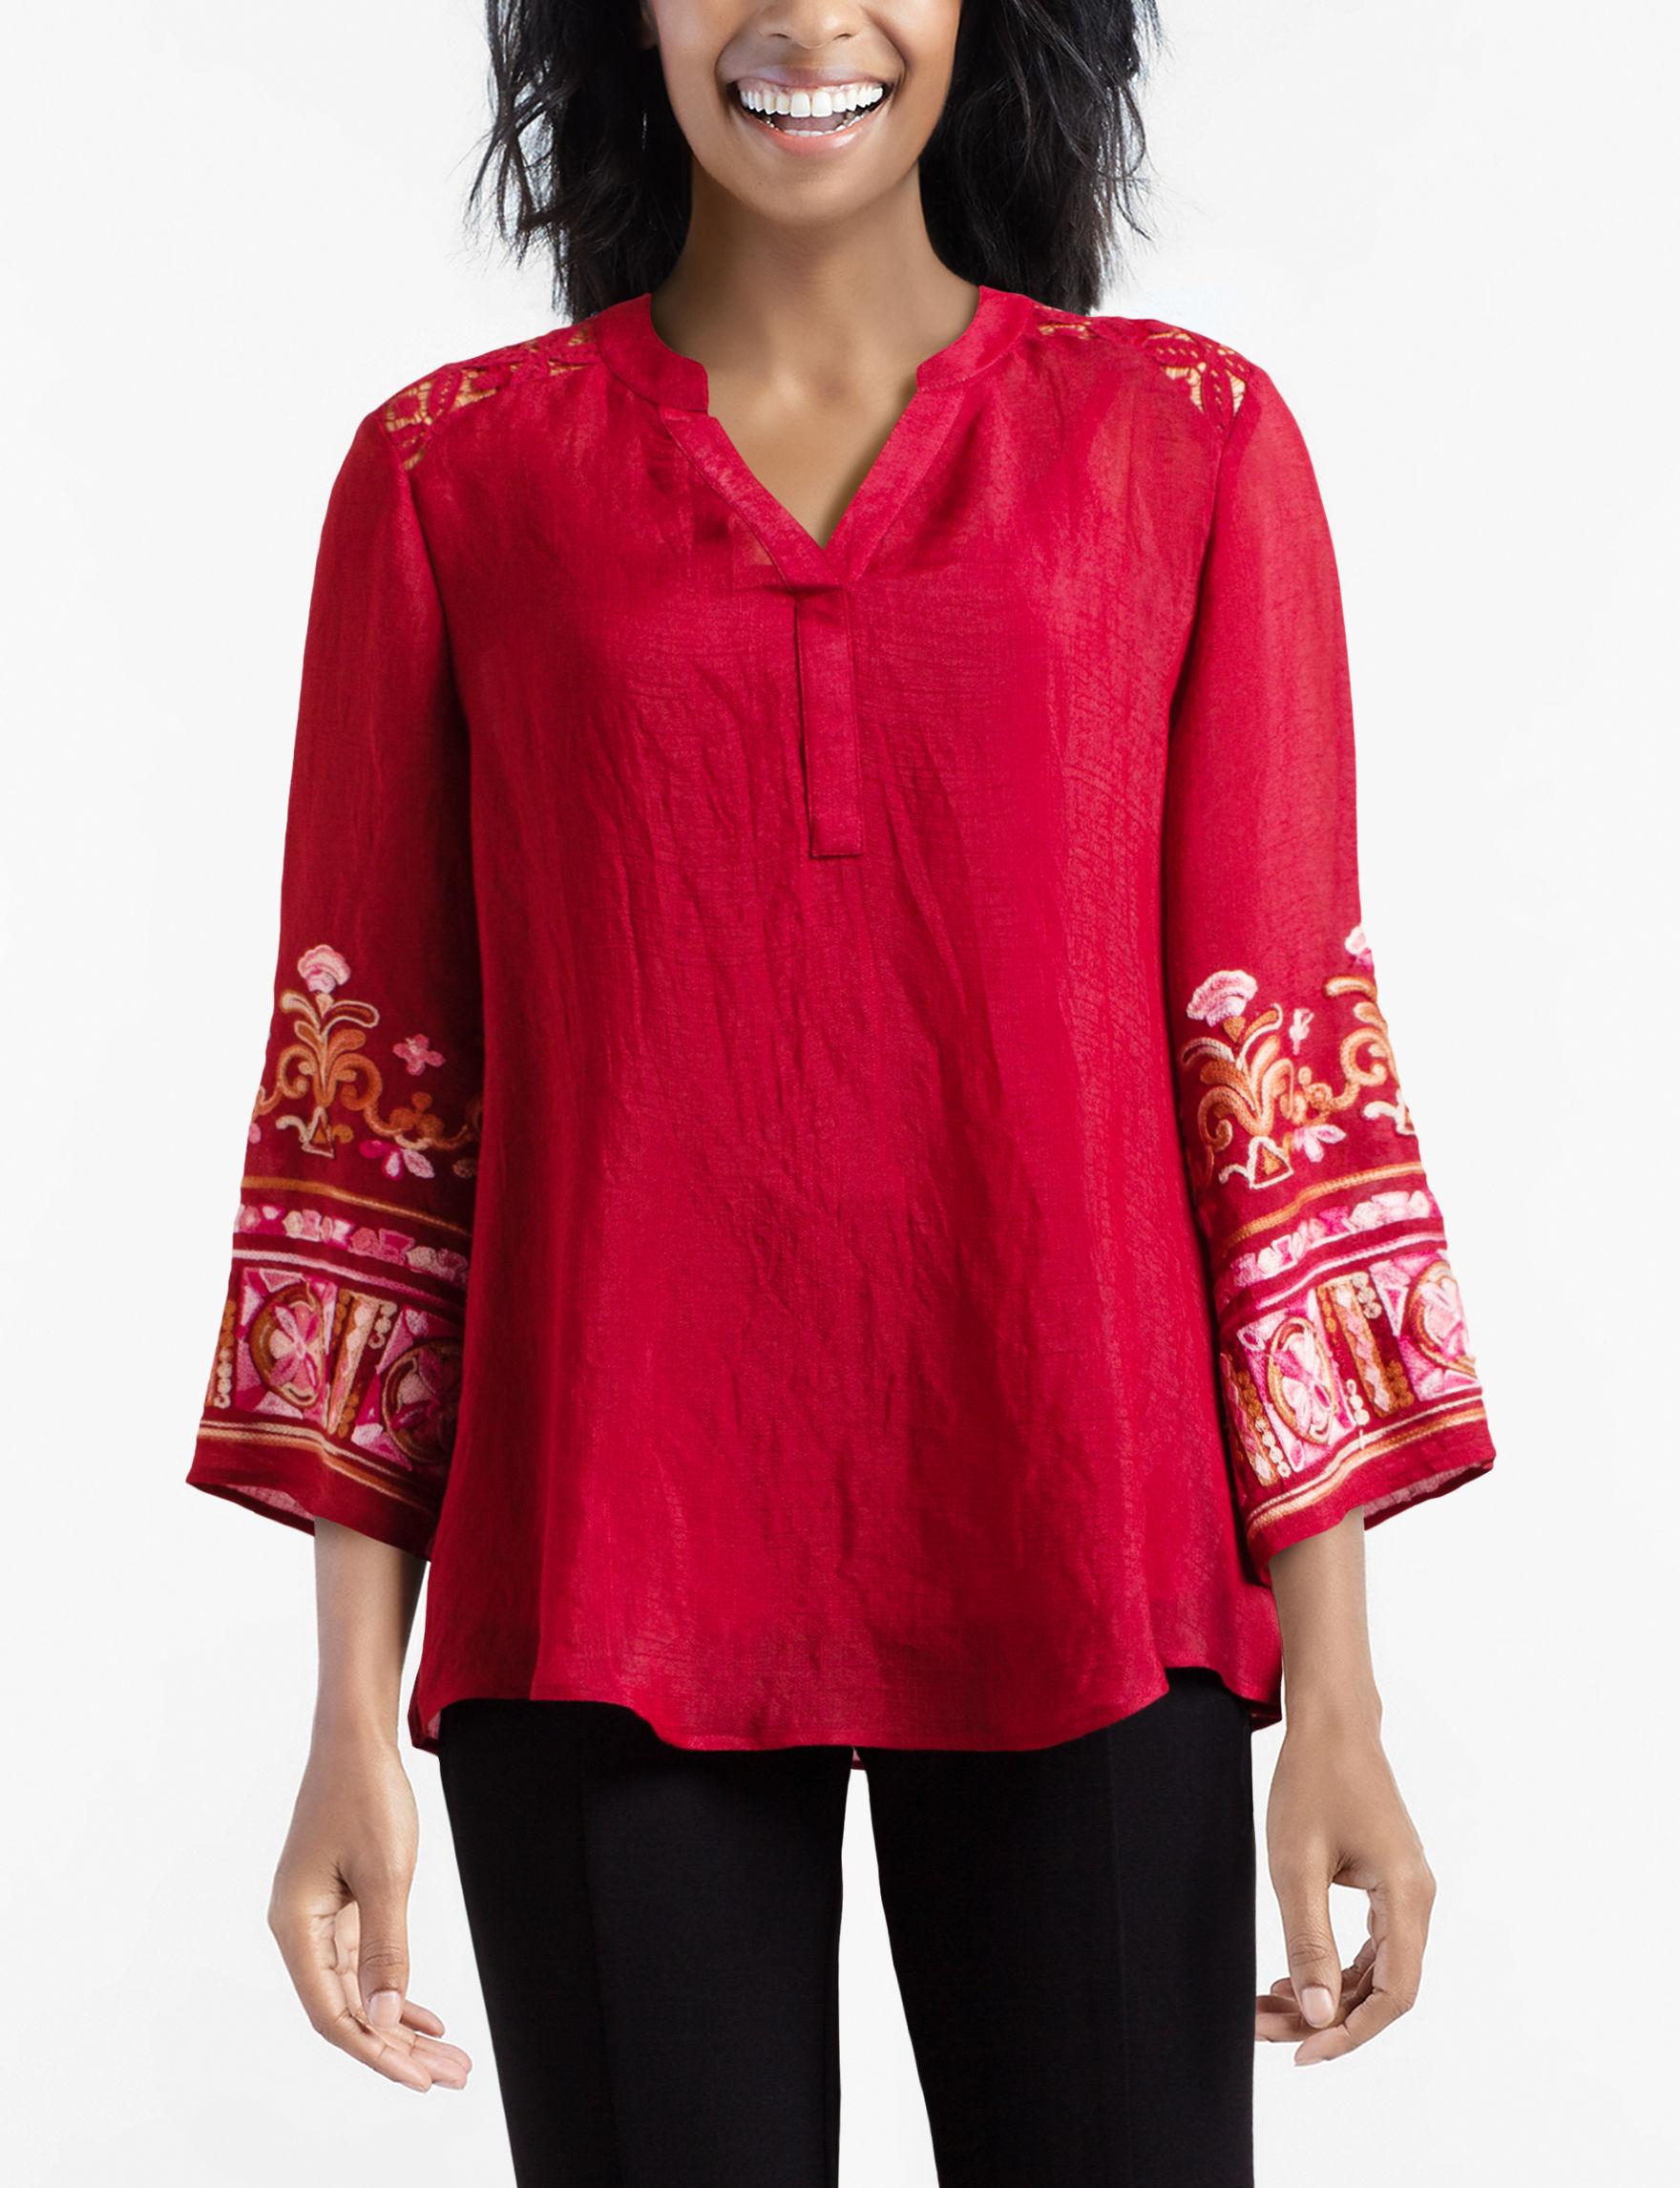 Valerie Stevens Red Shirts & Blouses